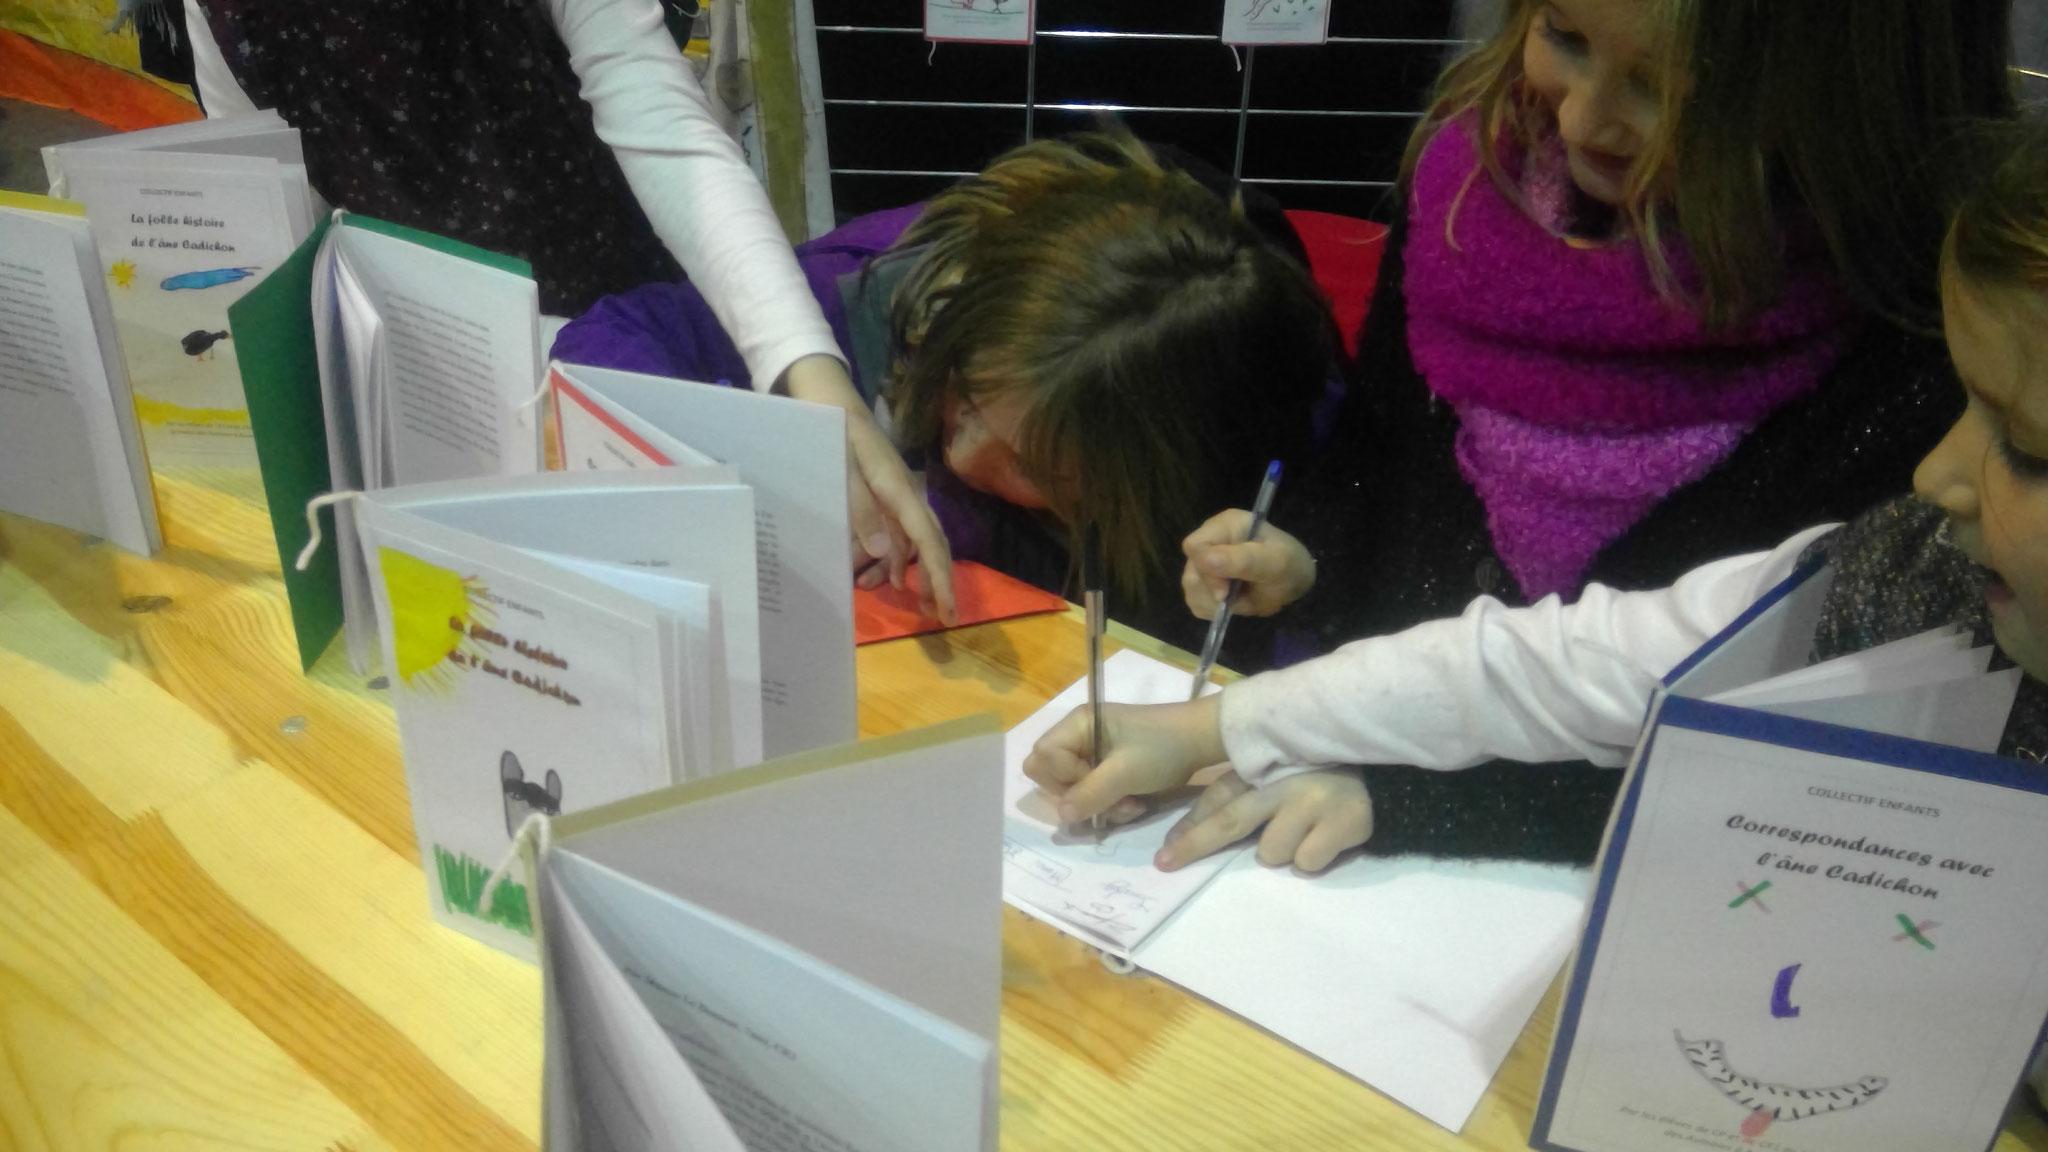 Les signatures battent leur plein sur le stand des ateliers d'écriture